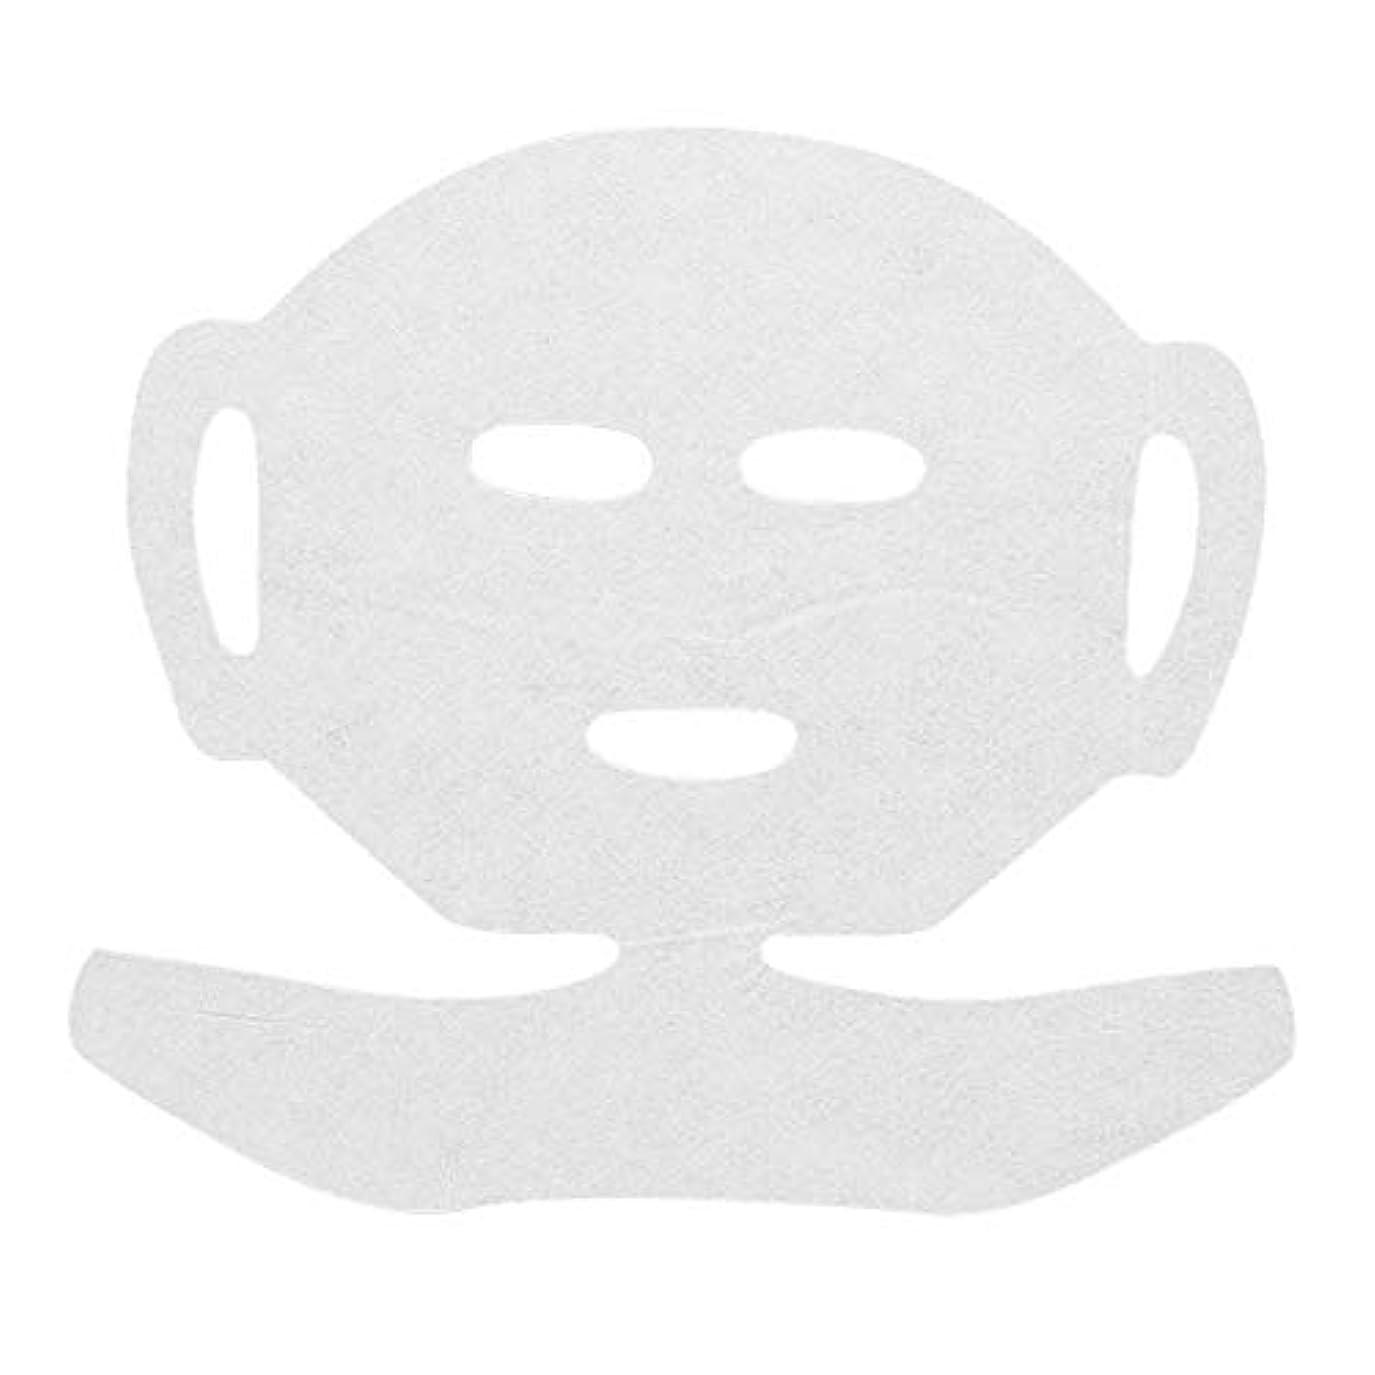 さびたを通して契約高保水 フェイシャルシート (マスクタイプネック付き 化粧水無し) 80枚 29×20cm [ フェイスマスク フェイスシート フェイスパック フェイシャルマスク シートマスク フェイシャルシート フェイシャルパック ローションマスク...